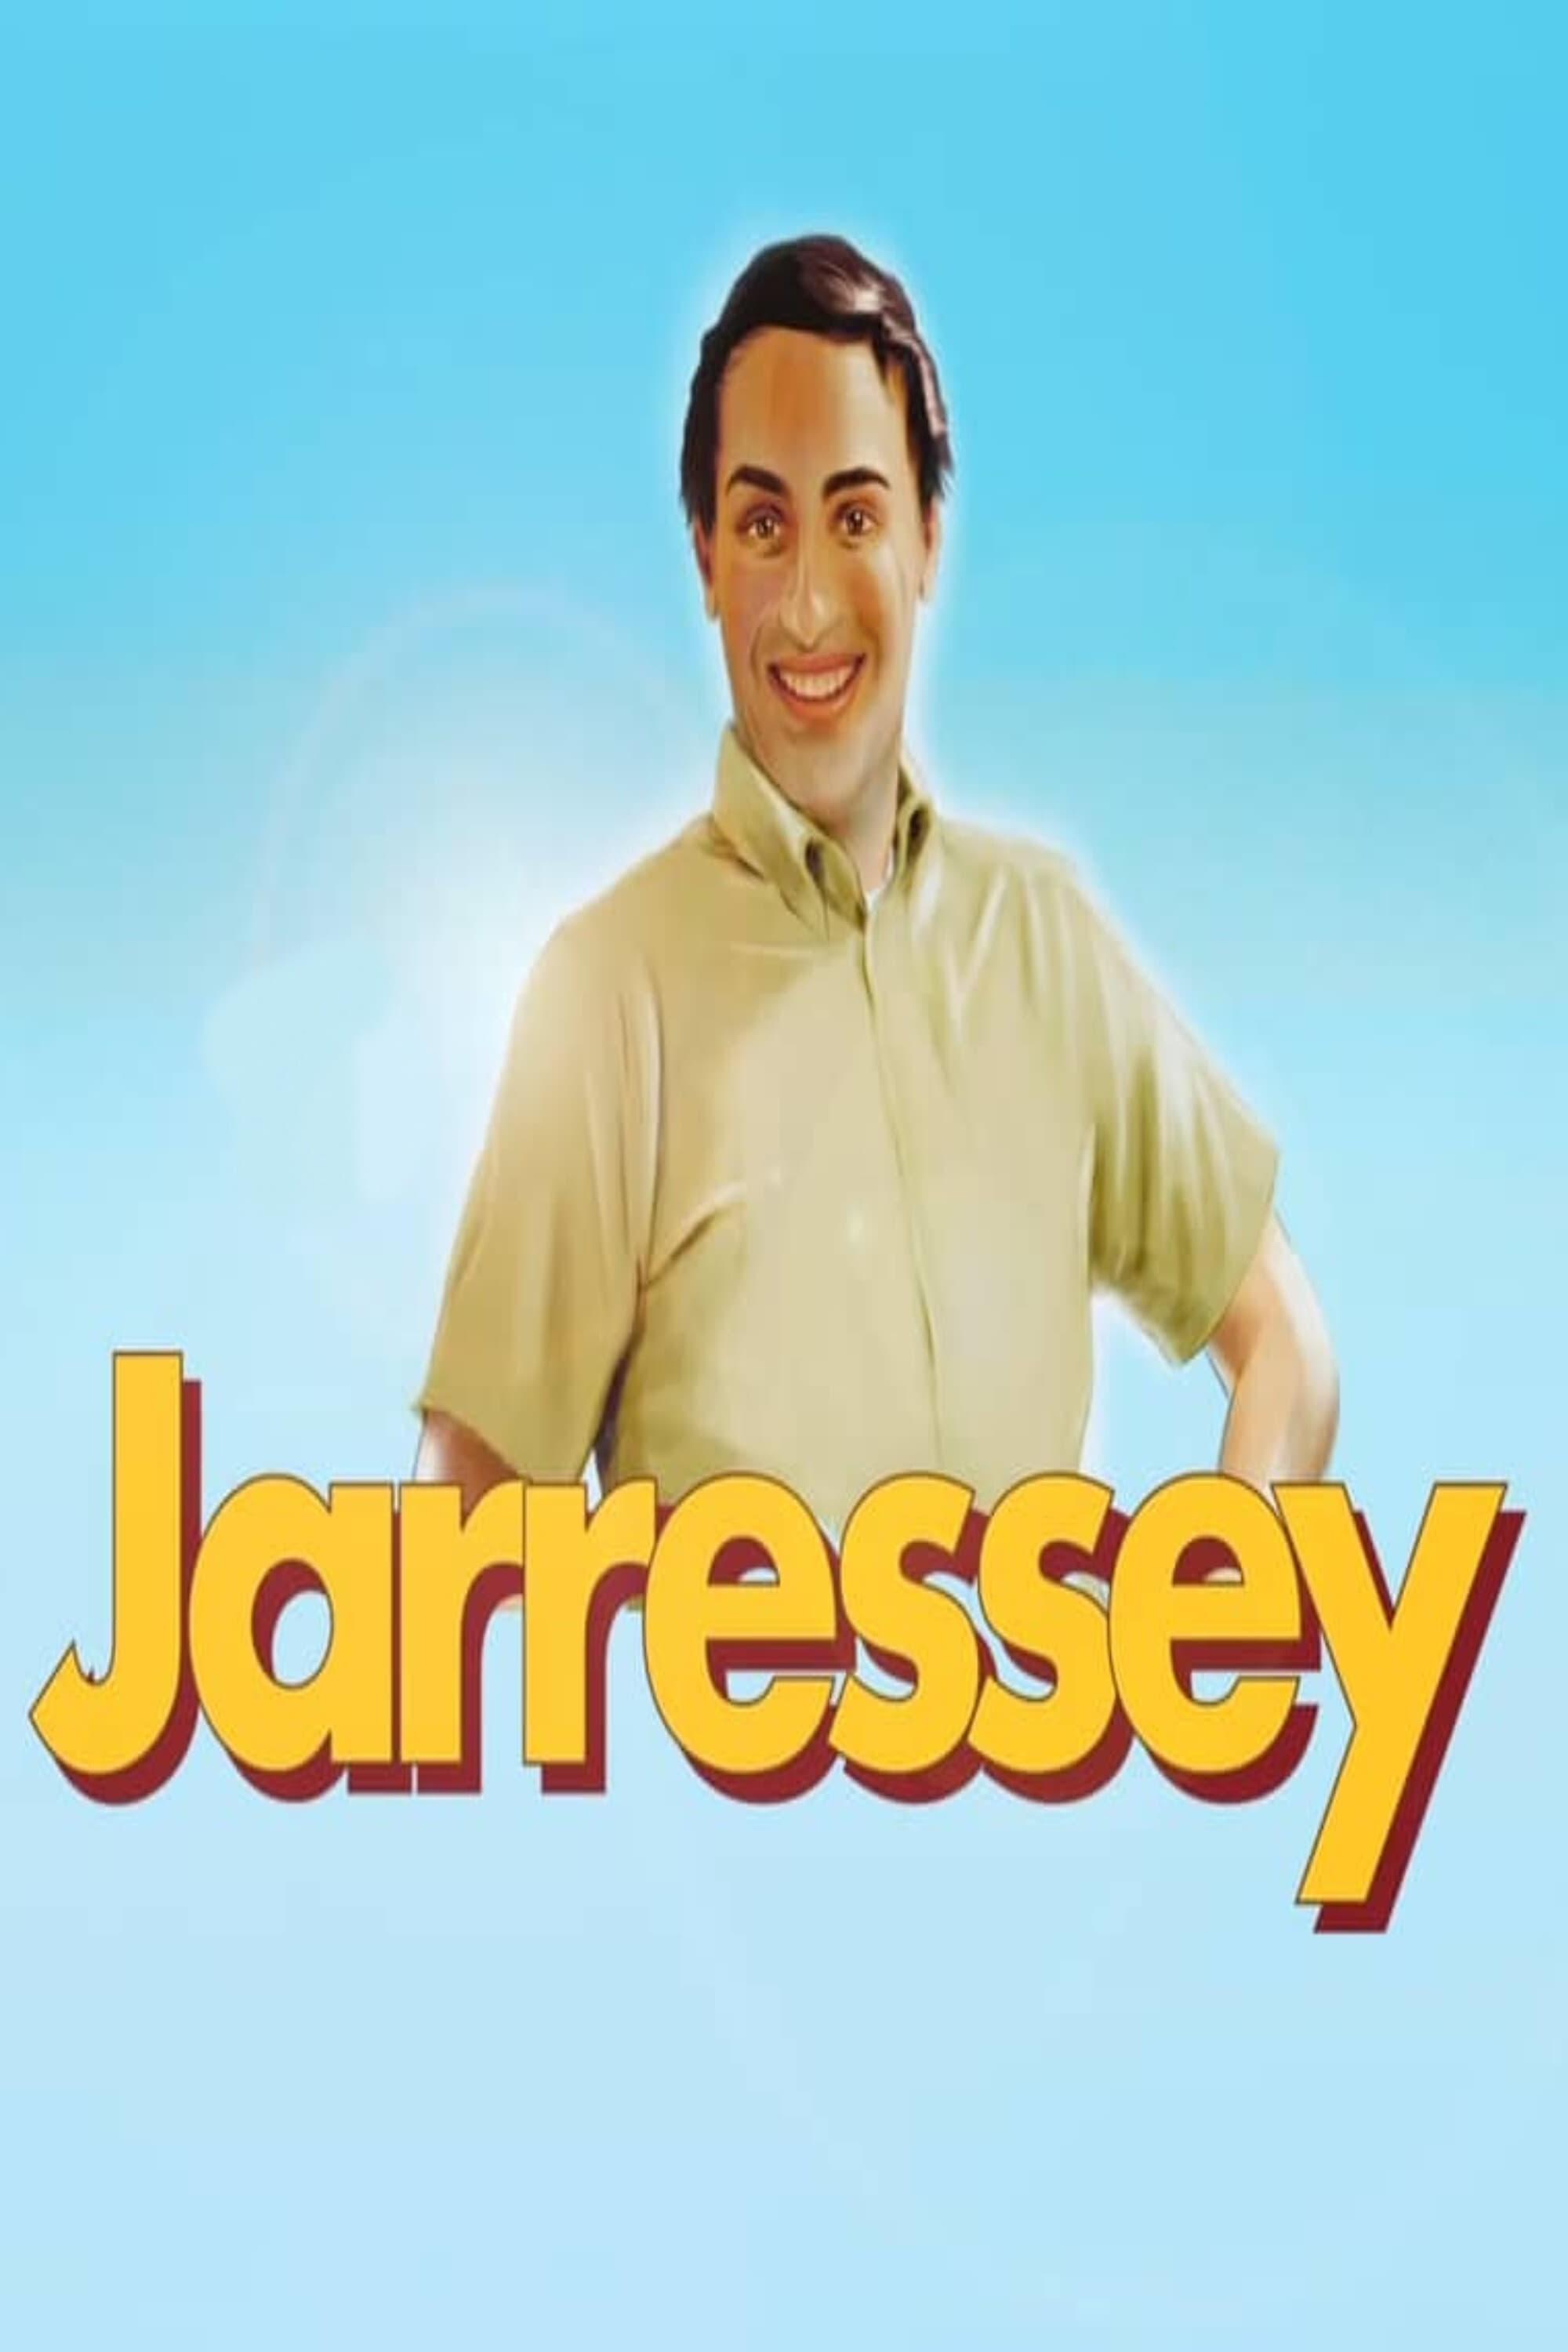 Jarressey